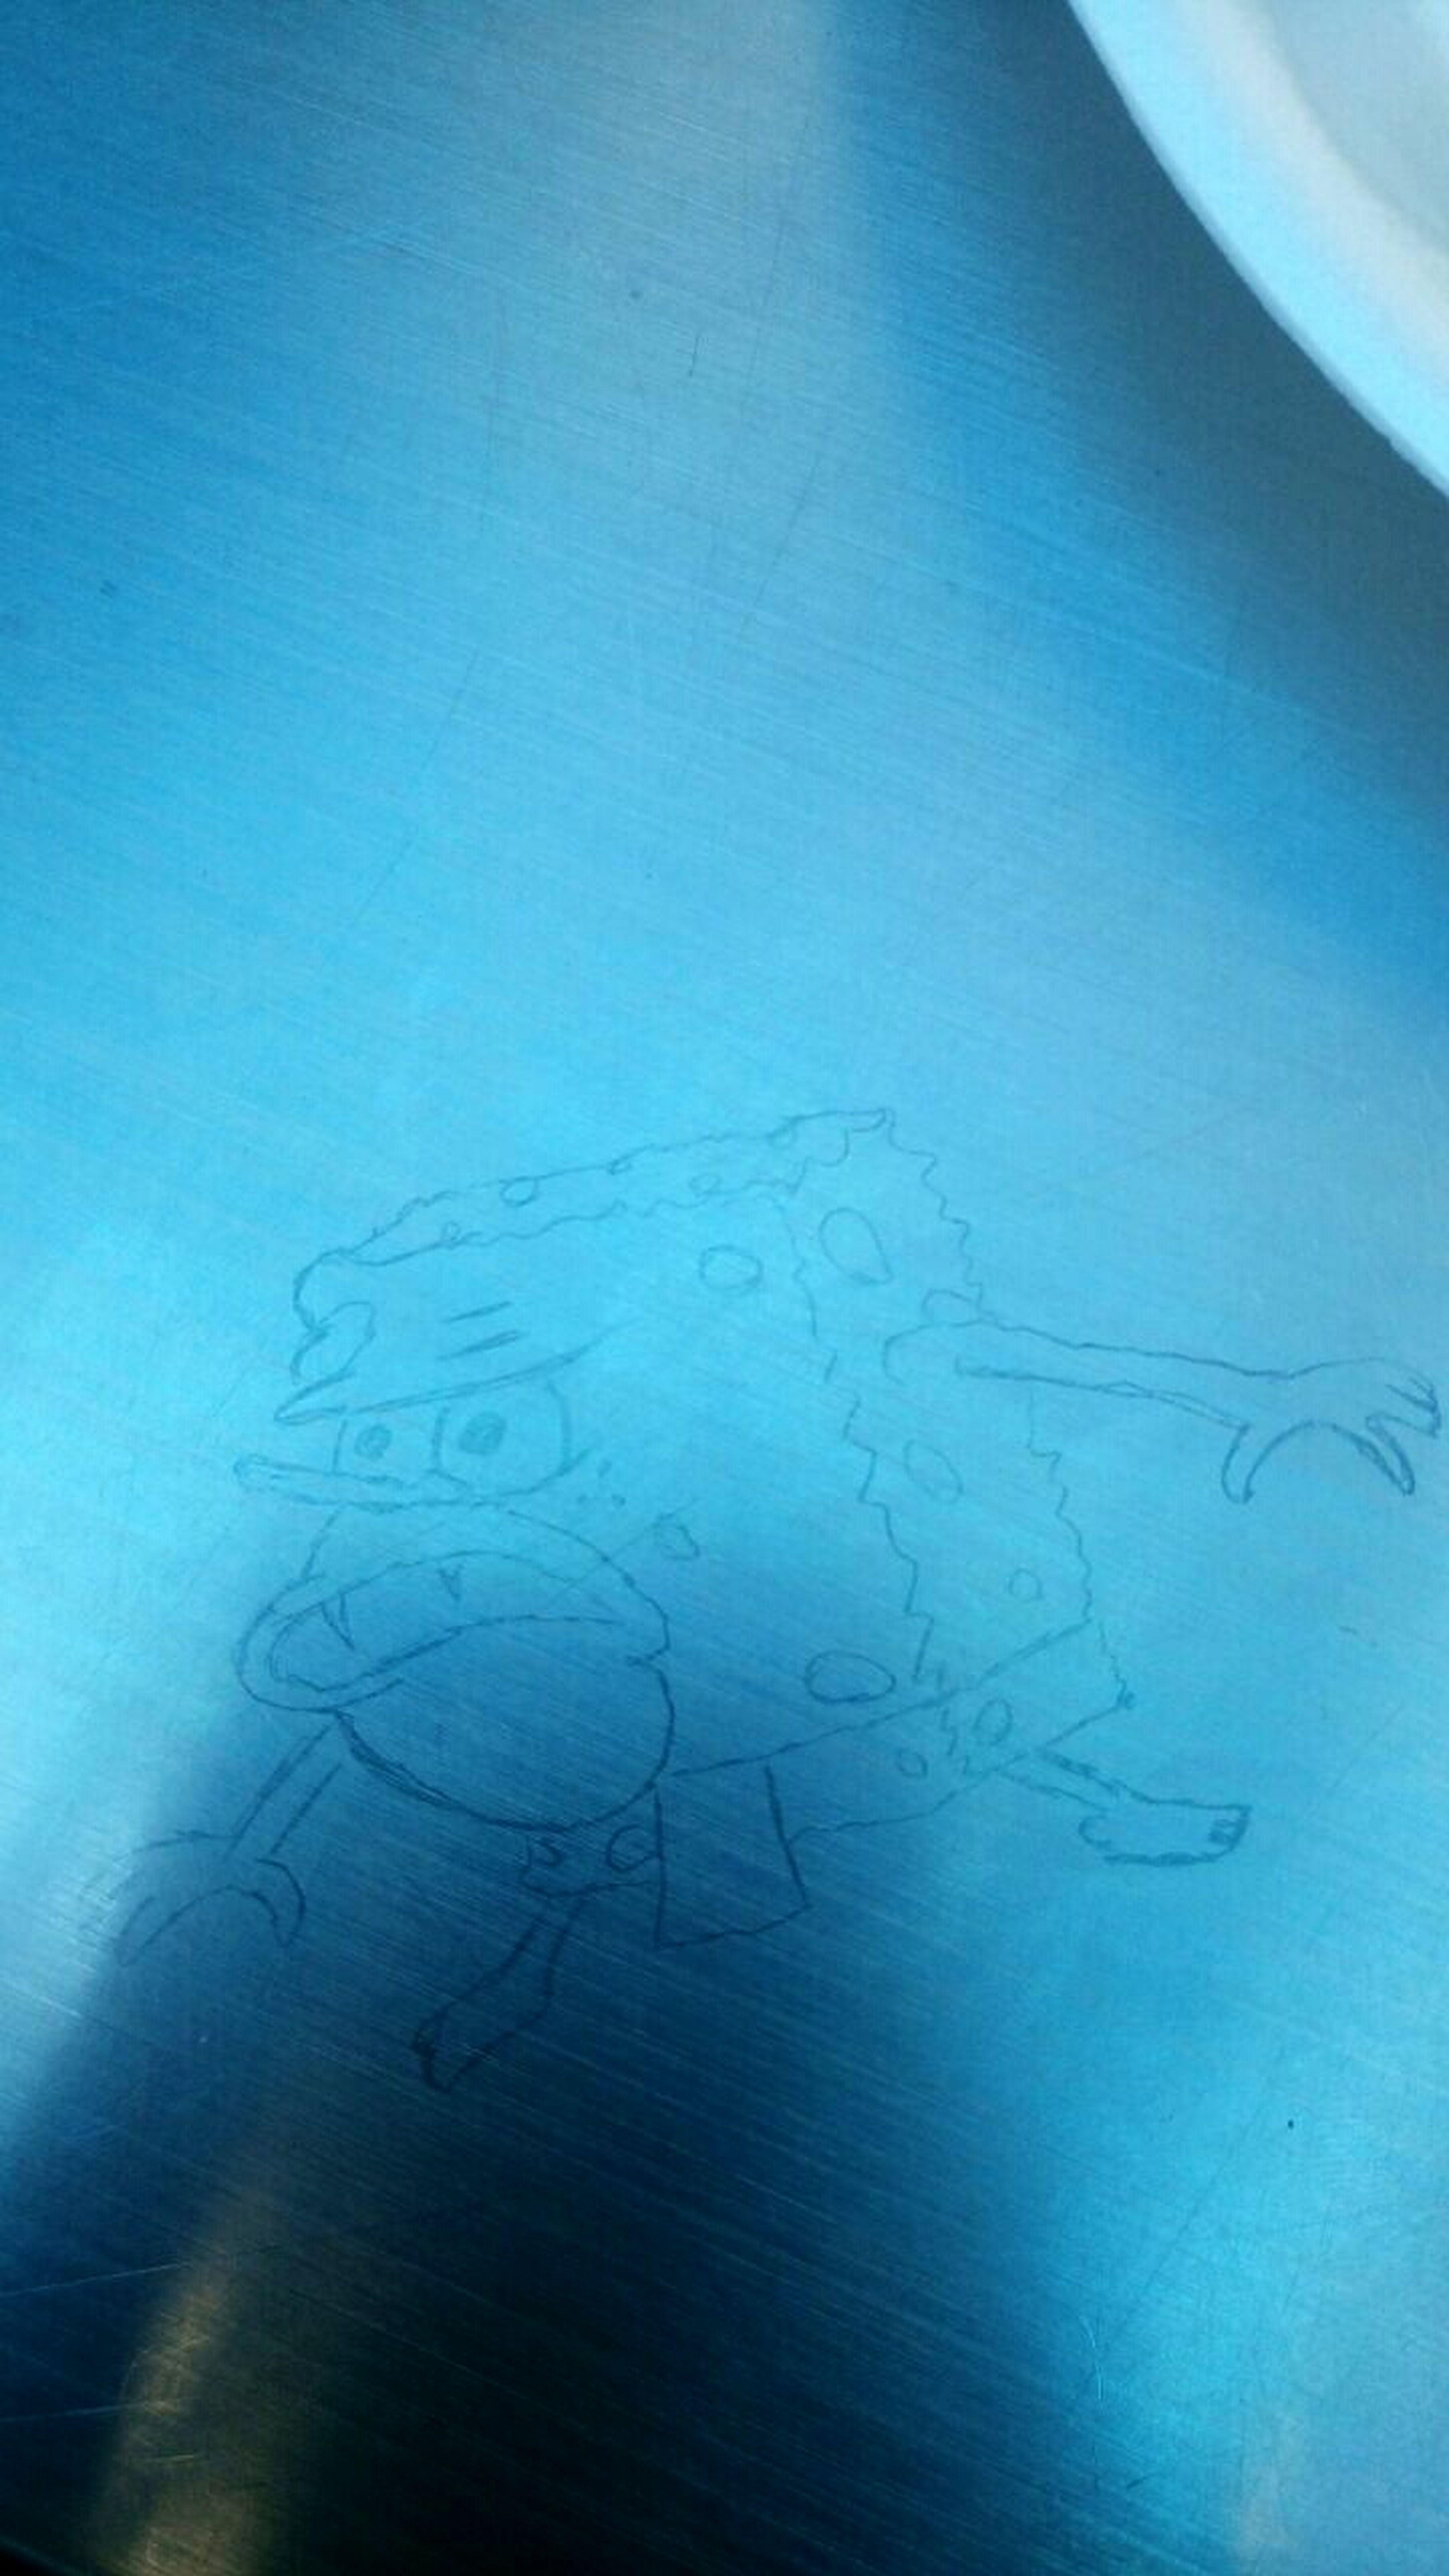 Esponja Gar Dibujo Ramdom Encontrado